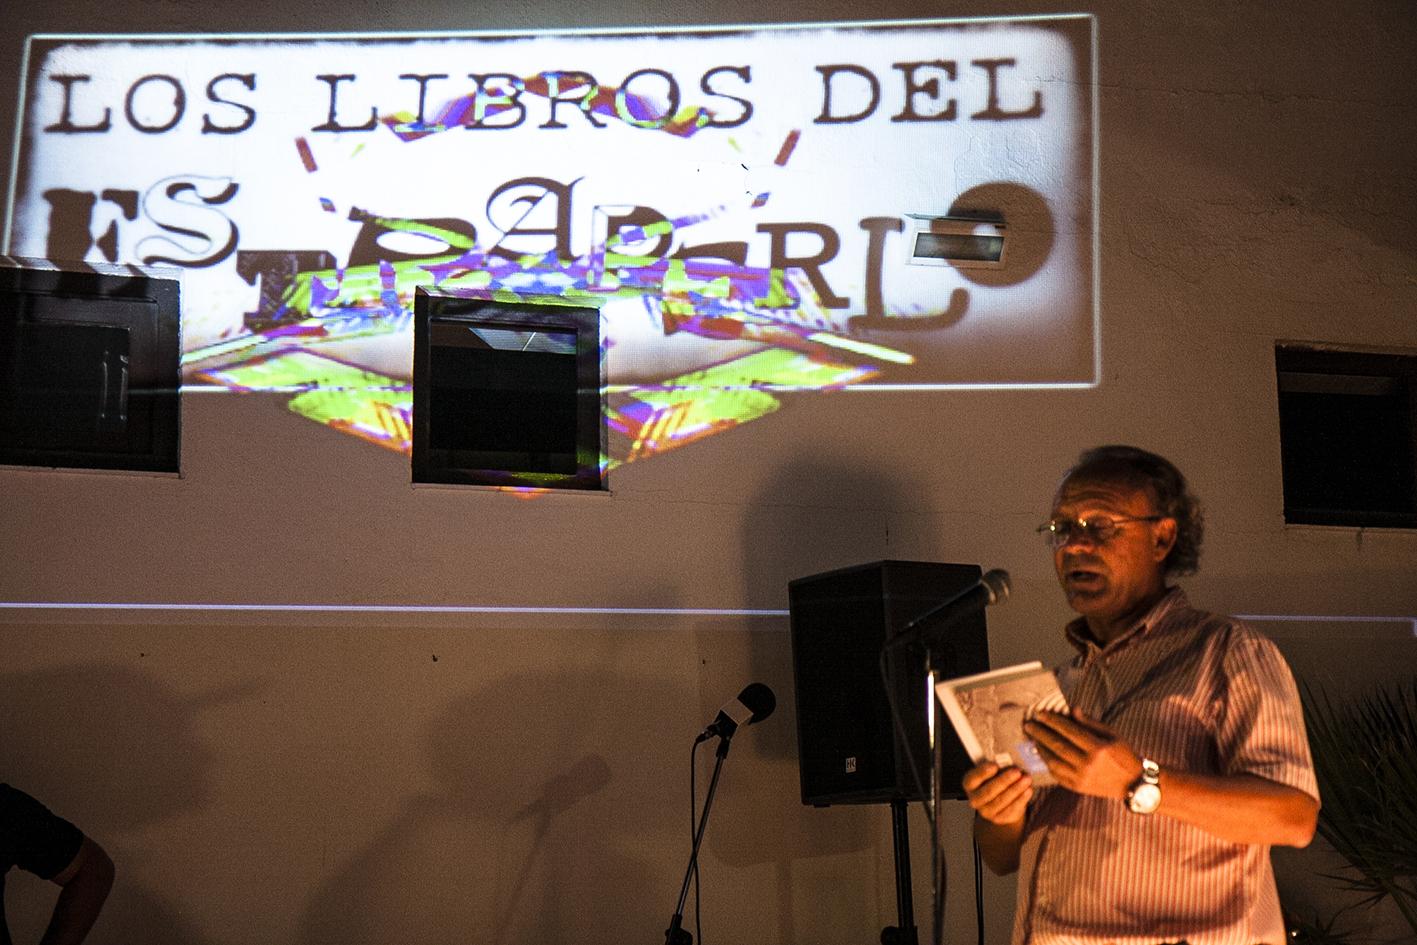 José Luis Rúa presentó el acto. / Foto: Javi Losa.